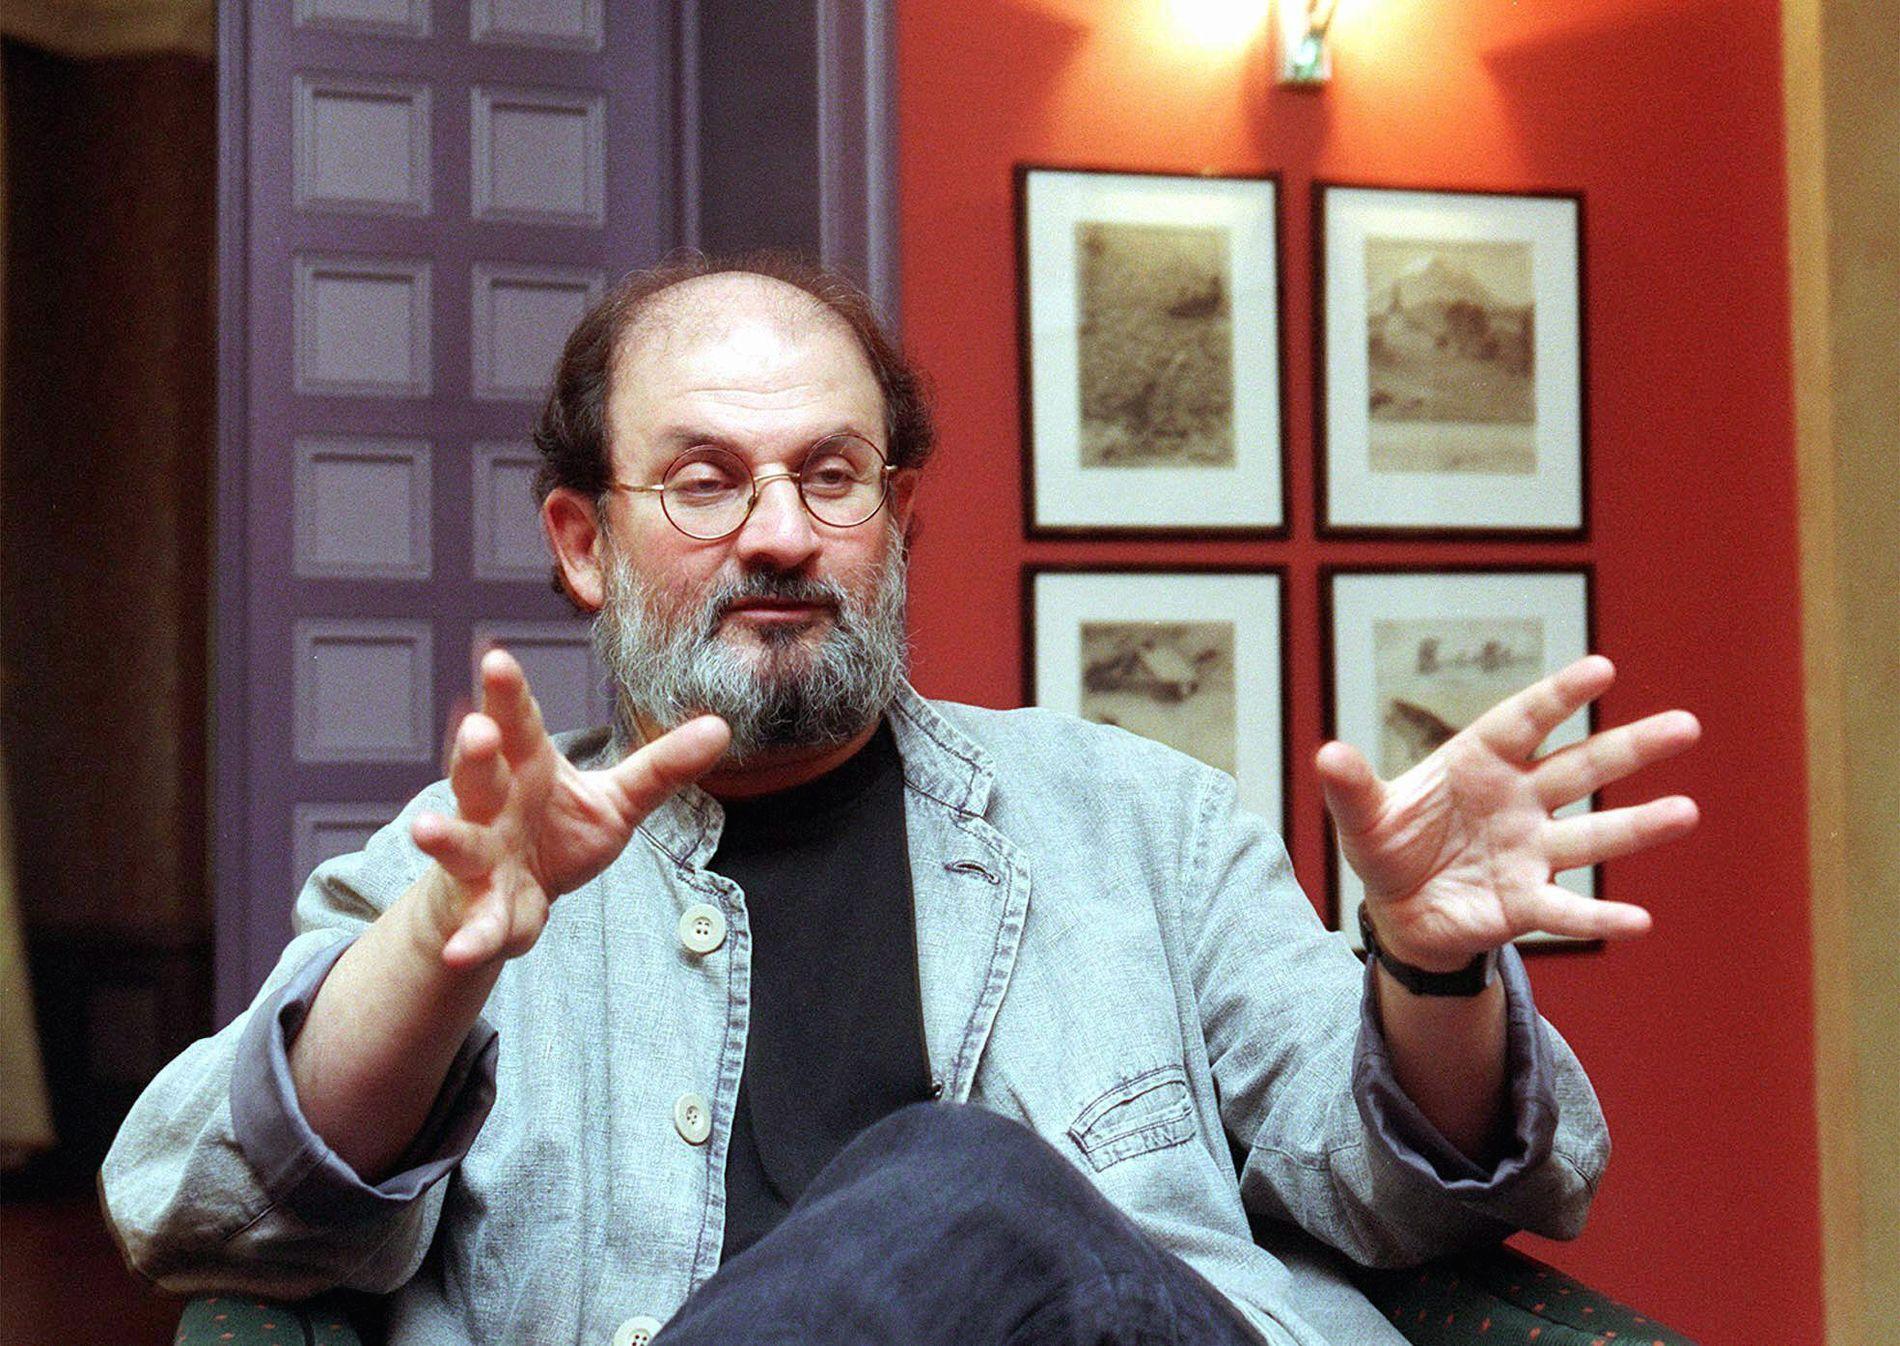 DRAPSTRUET: Forfatteren Salman Rushdie er mest kjent for kontroversene rundt romanen Sataniske vers, som ble utgitt i 1988. Her på et bilde fra 1997.